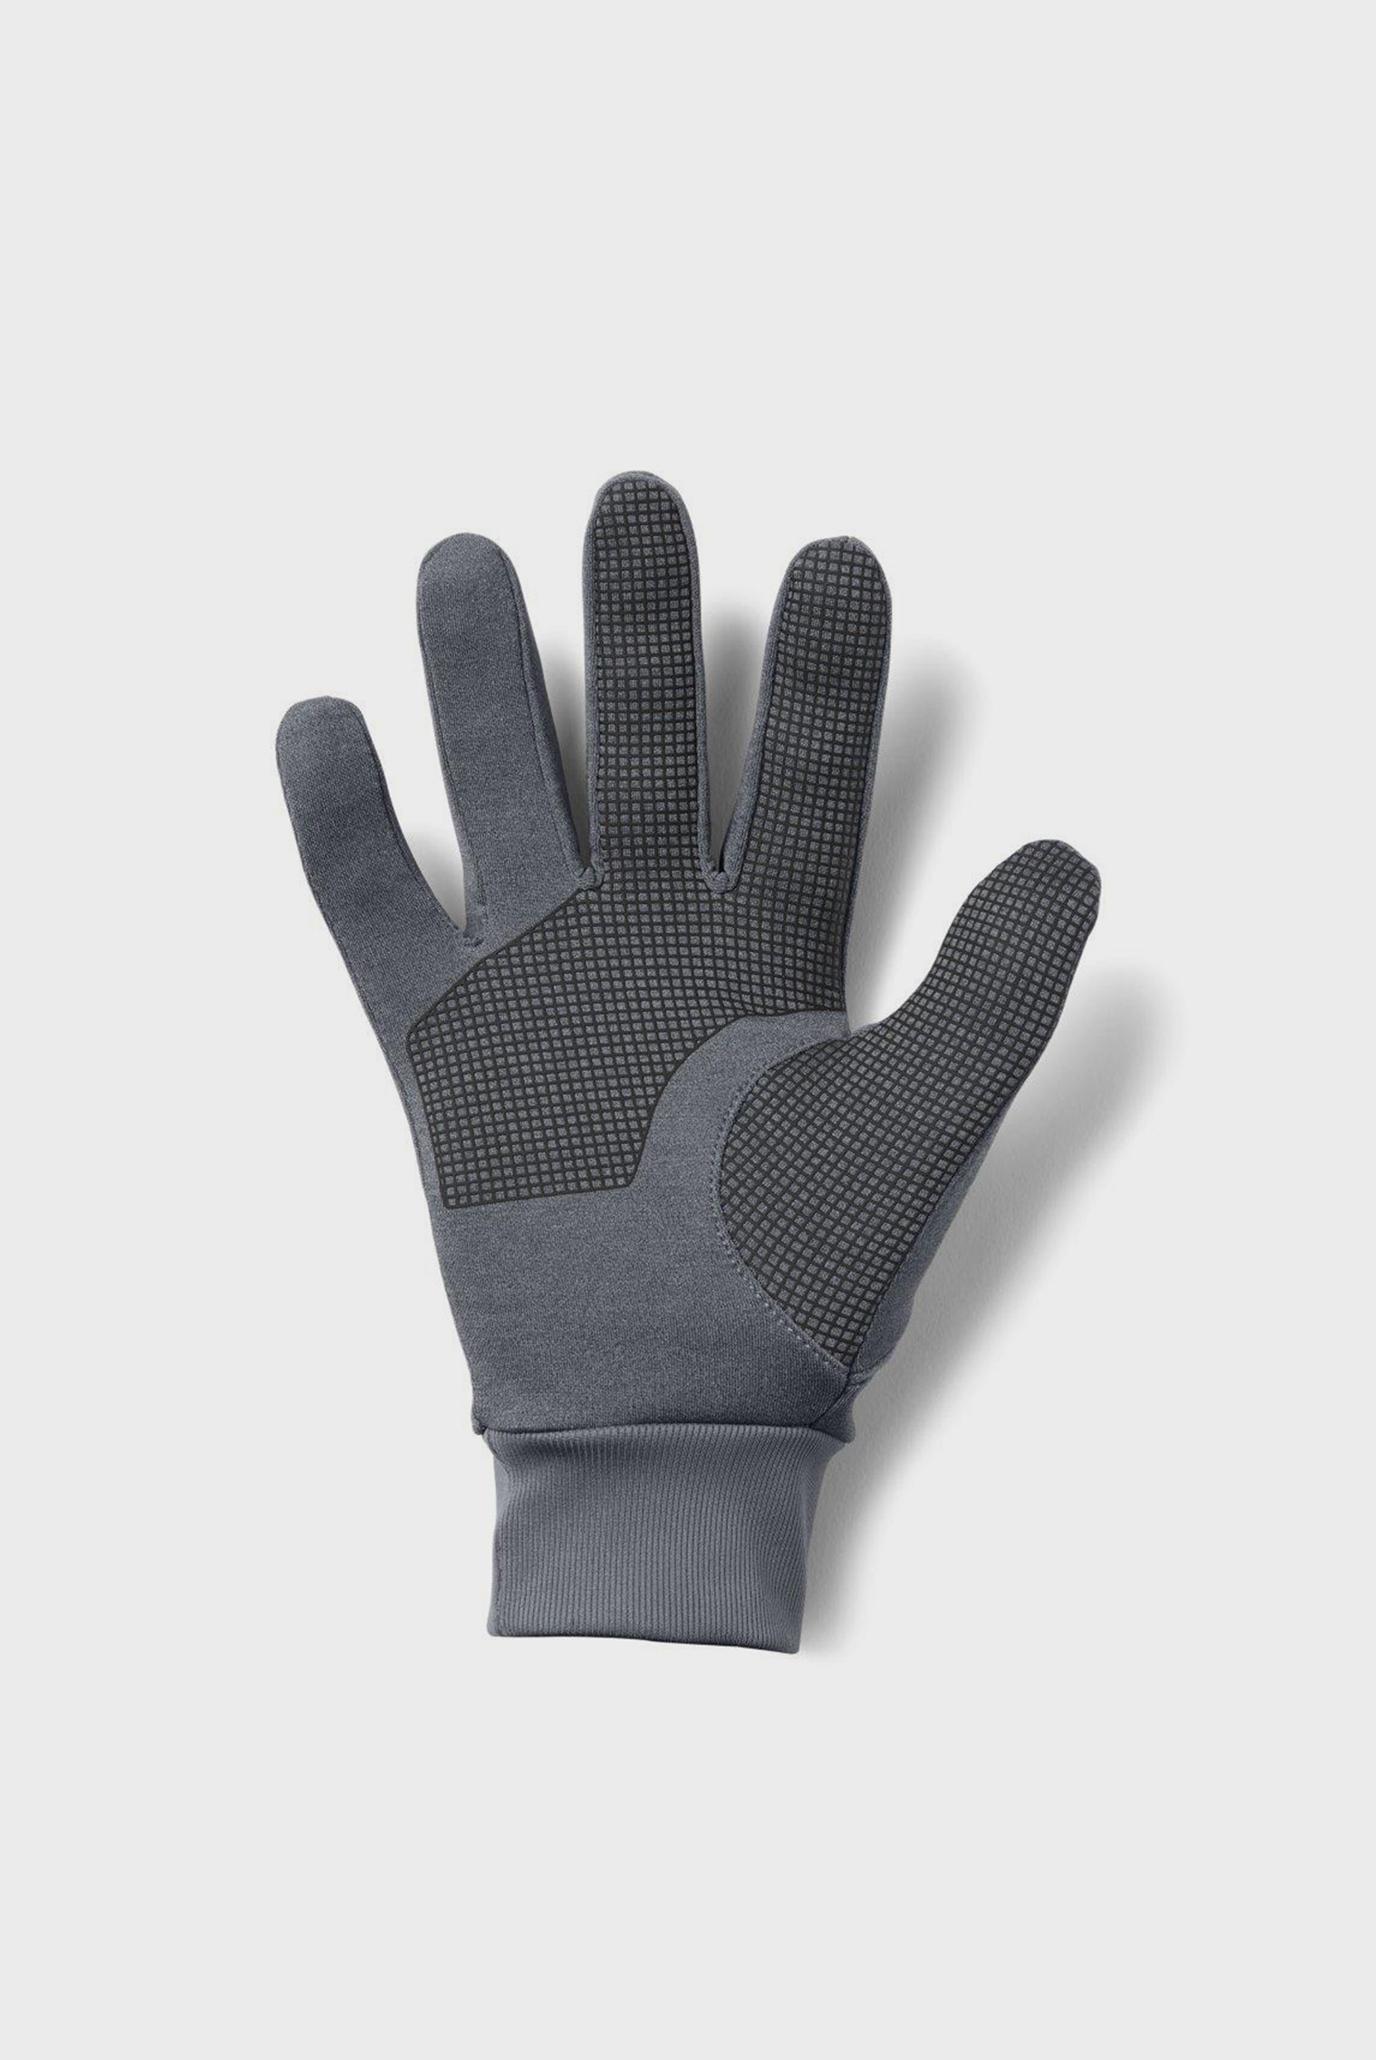 Купить Мужские серые перчатки Men's Armour Liner 2.0 Under Armour Under Armour 1318546-035 – Киев, Украина. Цены в интернет магазине MD Fashion